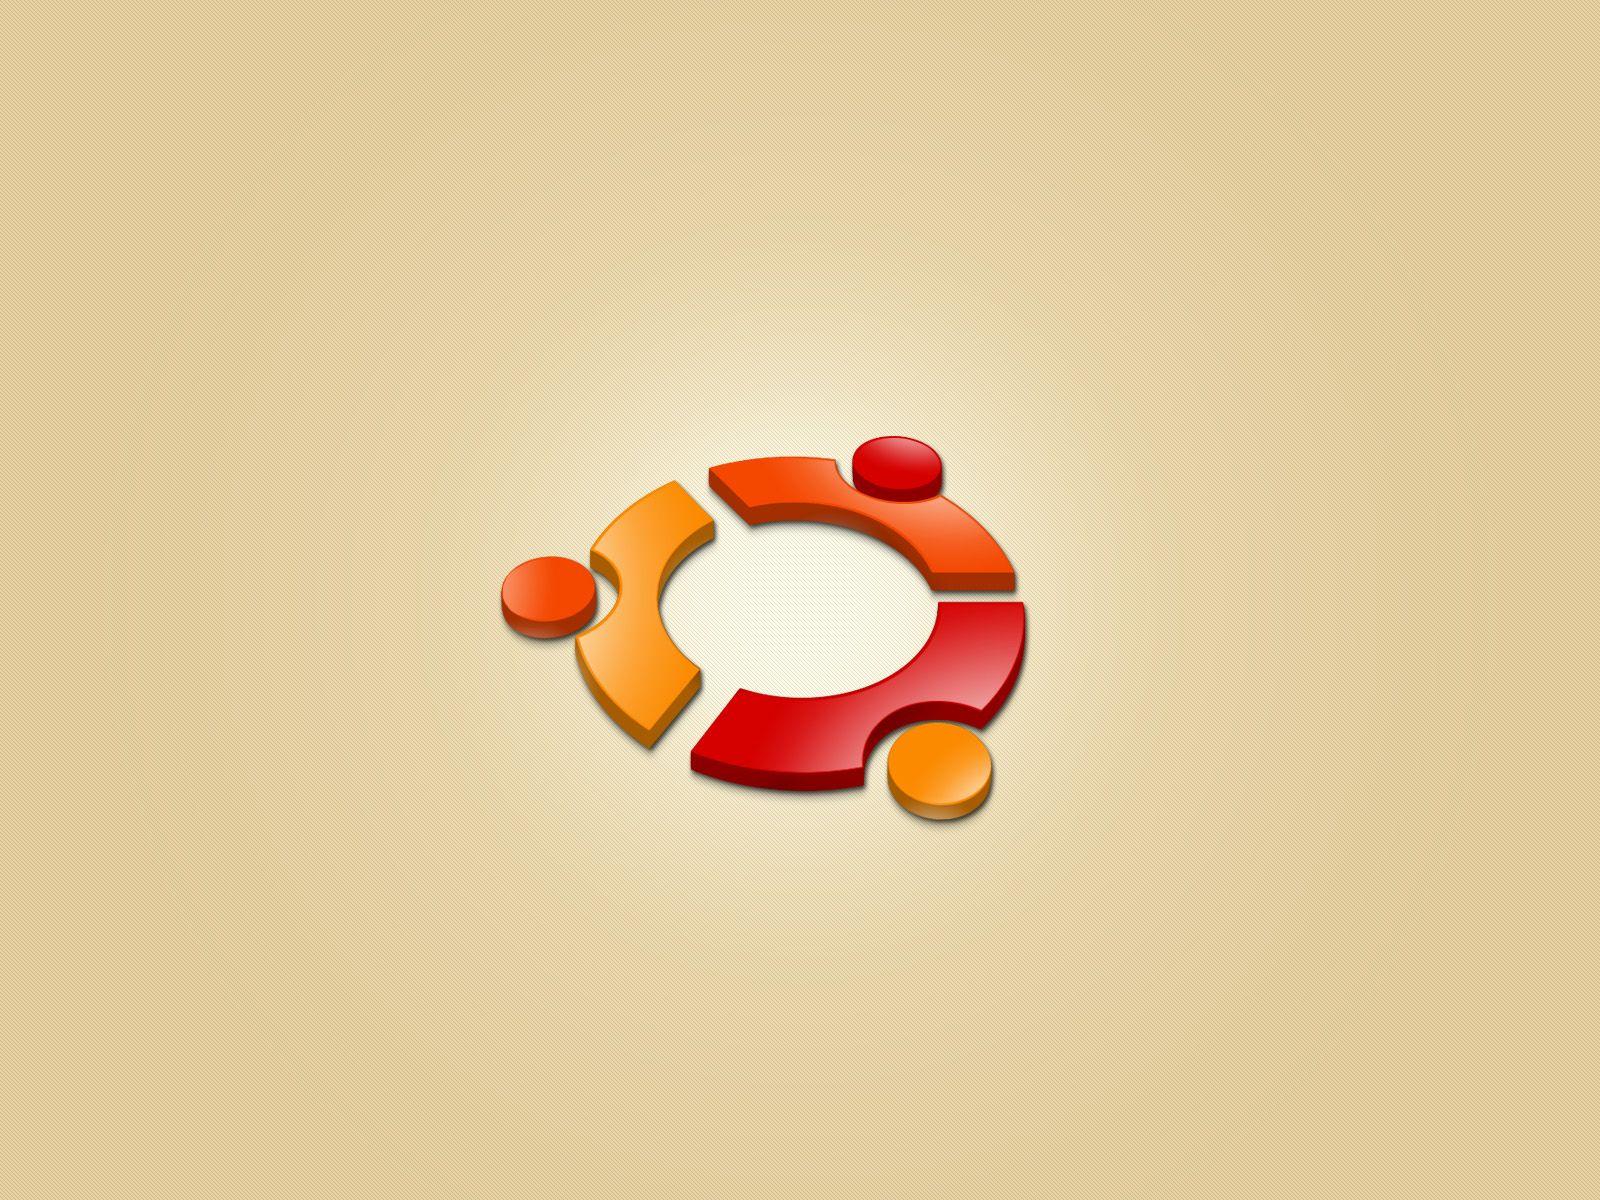 Wallpaper Ubuntu Linux Free Iphone Wallpaper Geo Wallpaper Linux ubuntu 3d logo hd wallpaper free